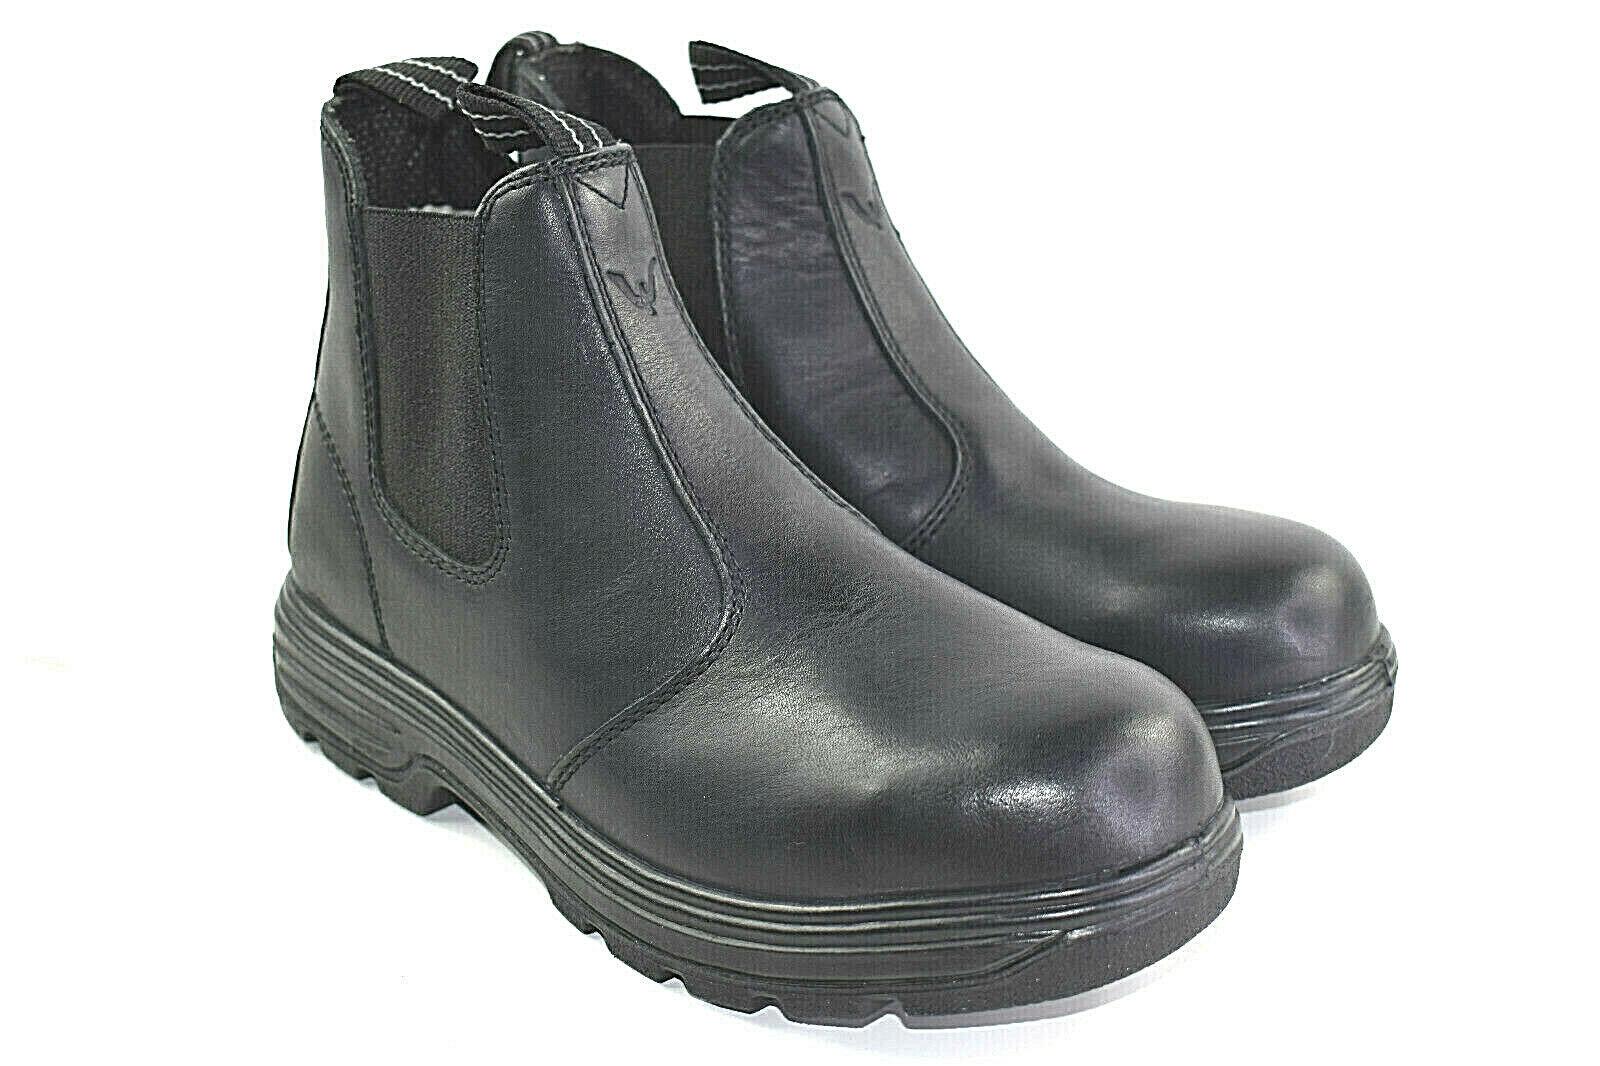 Thorogood Cuero Negro botas Para Excursionismo Chelsea  Trabajo Para Mujer Talla 8.5  Hay más marcas de productos de alta calidad.